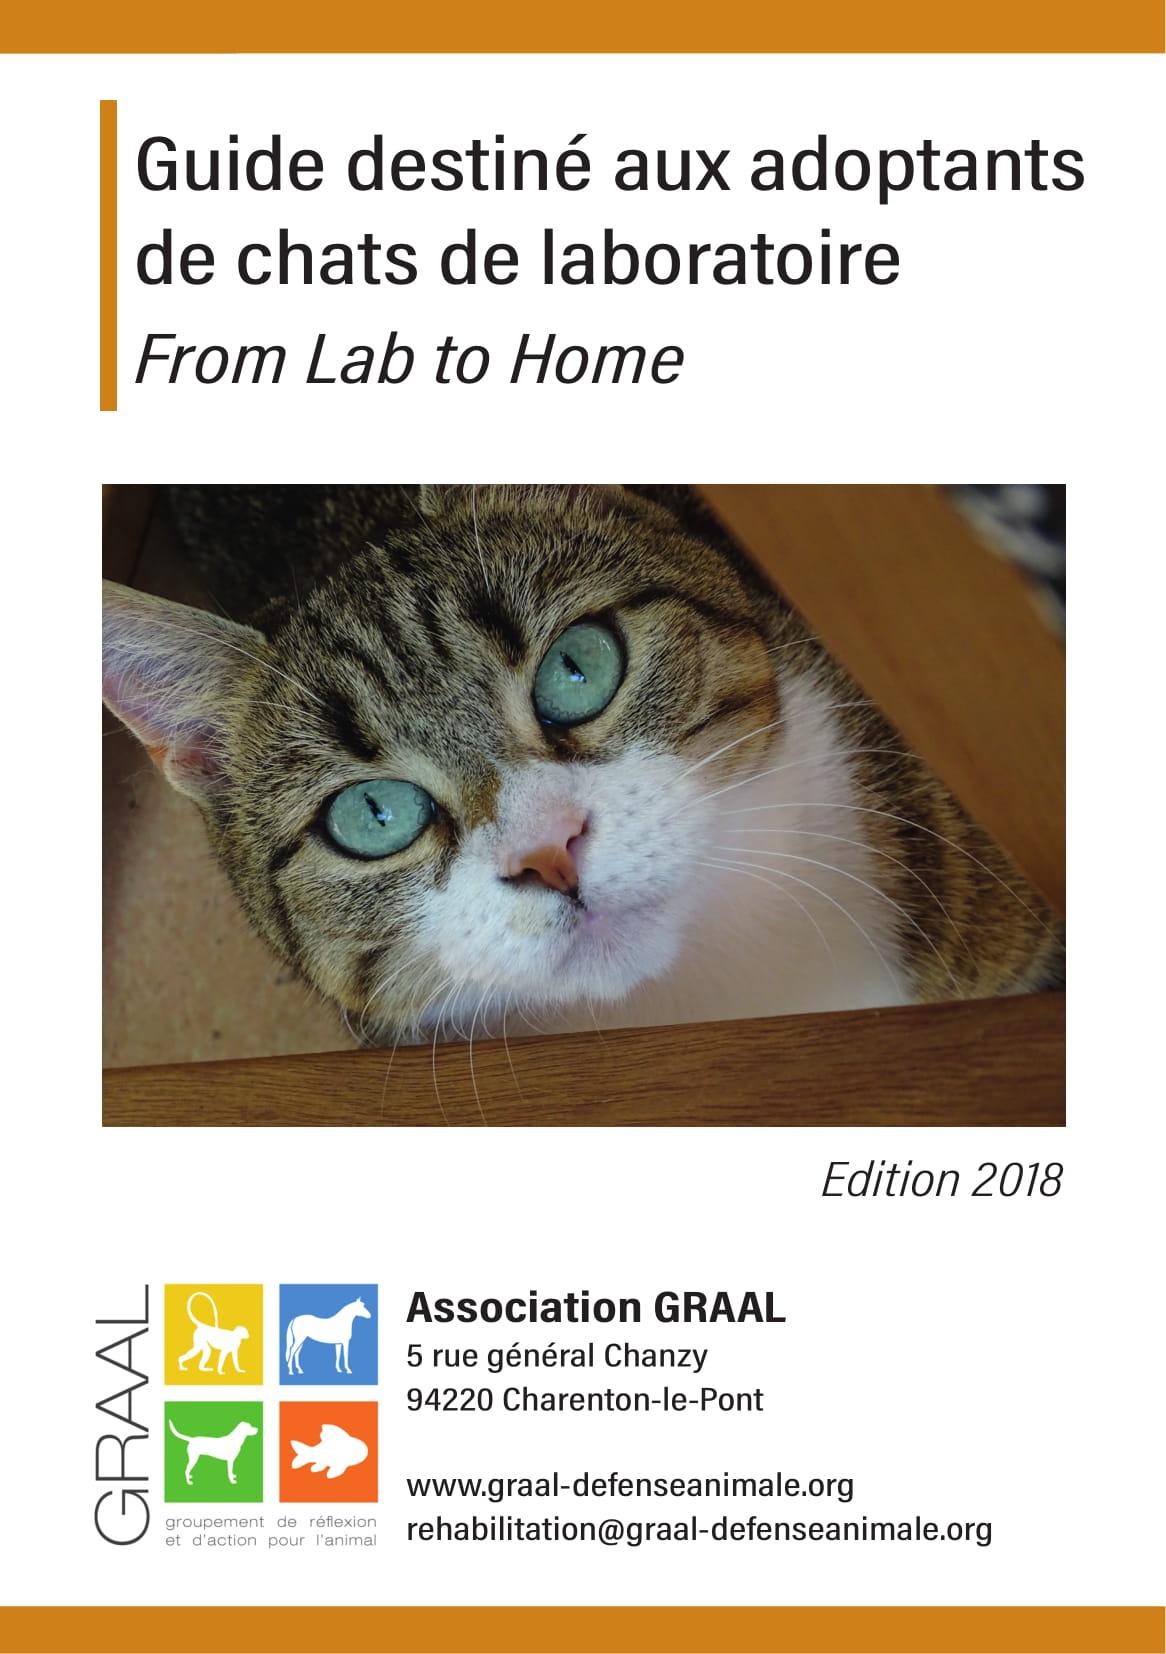 Guide pour les adoptants de chats de laboratoire